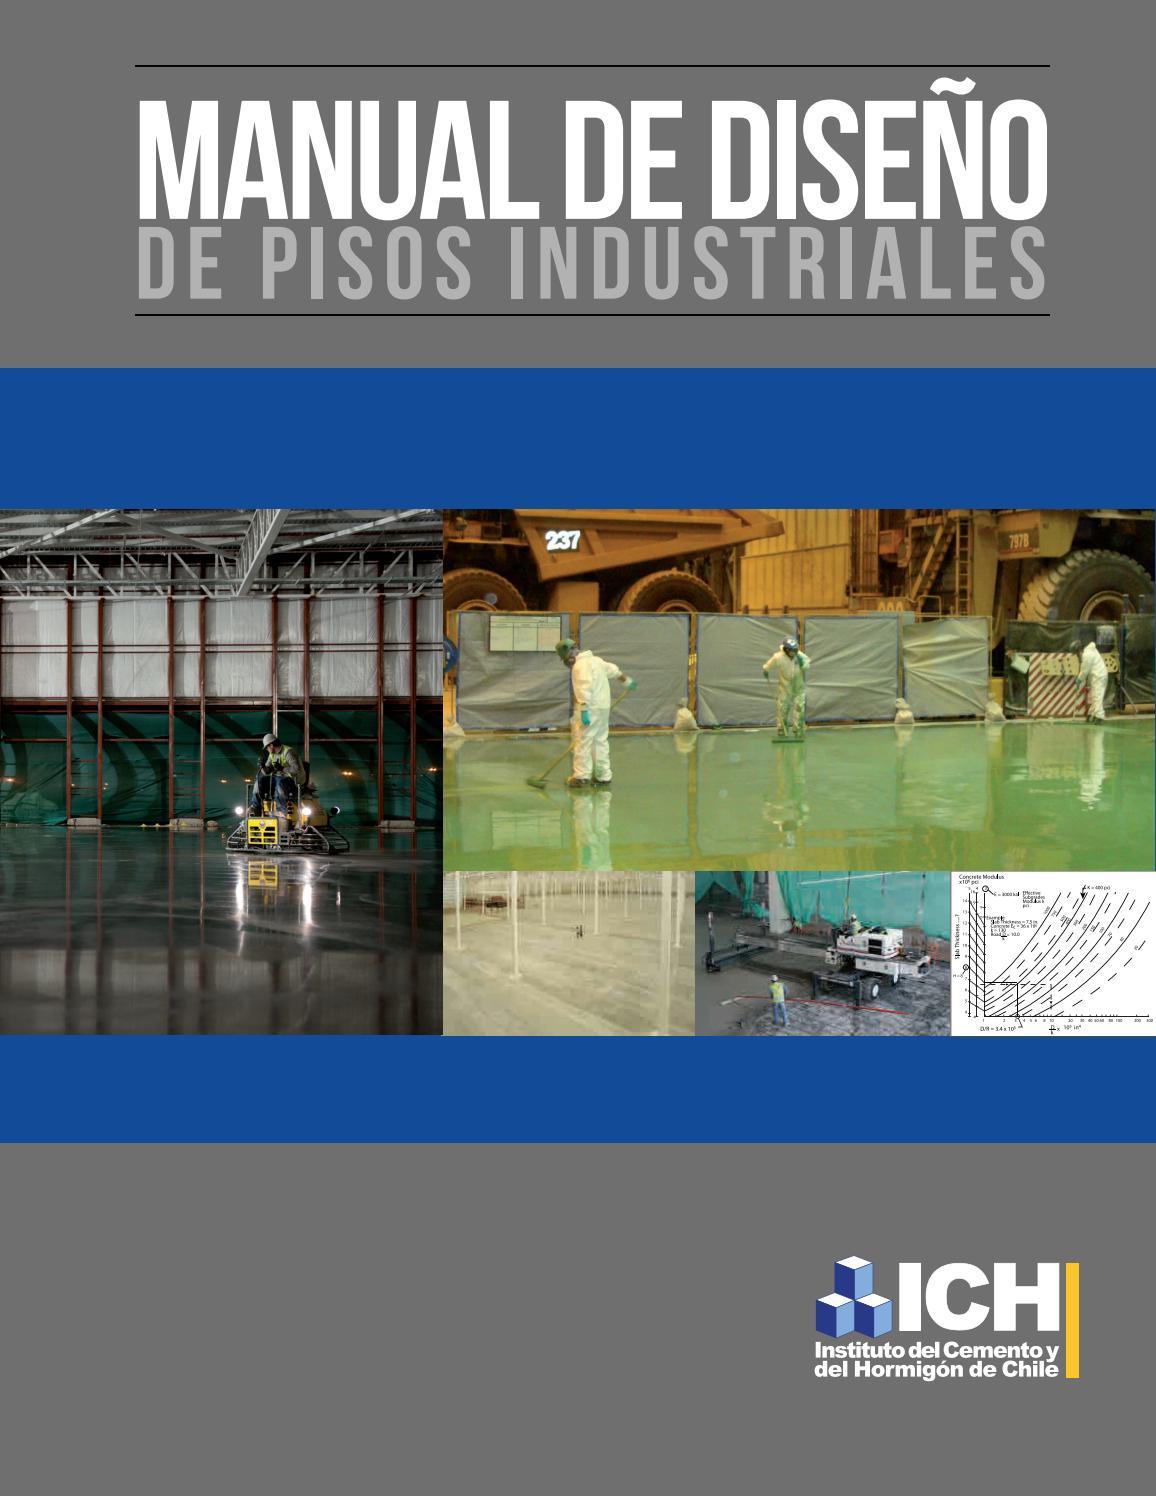 Manual Diseno De Pisos Industriales By Instituto Del Cemento